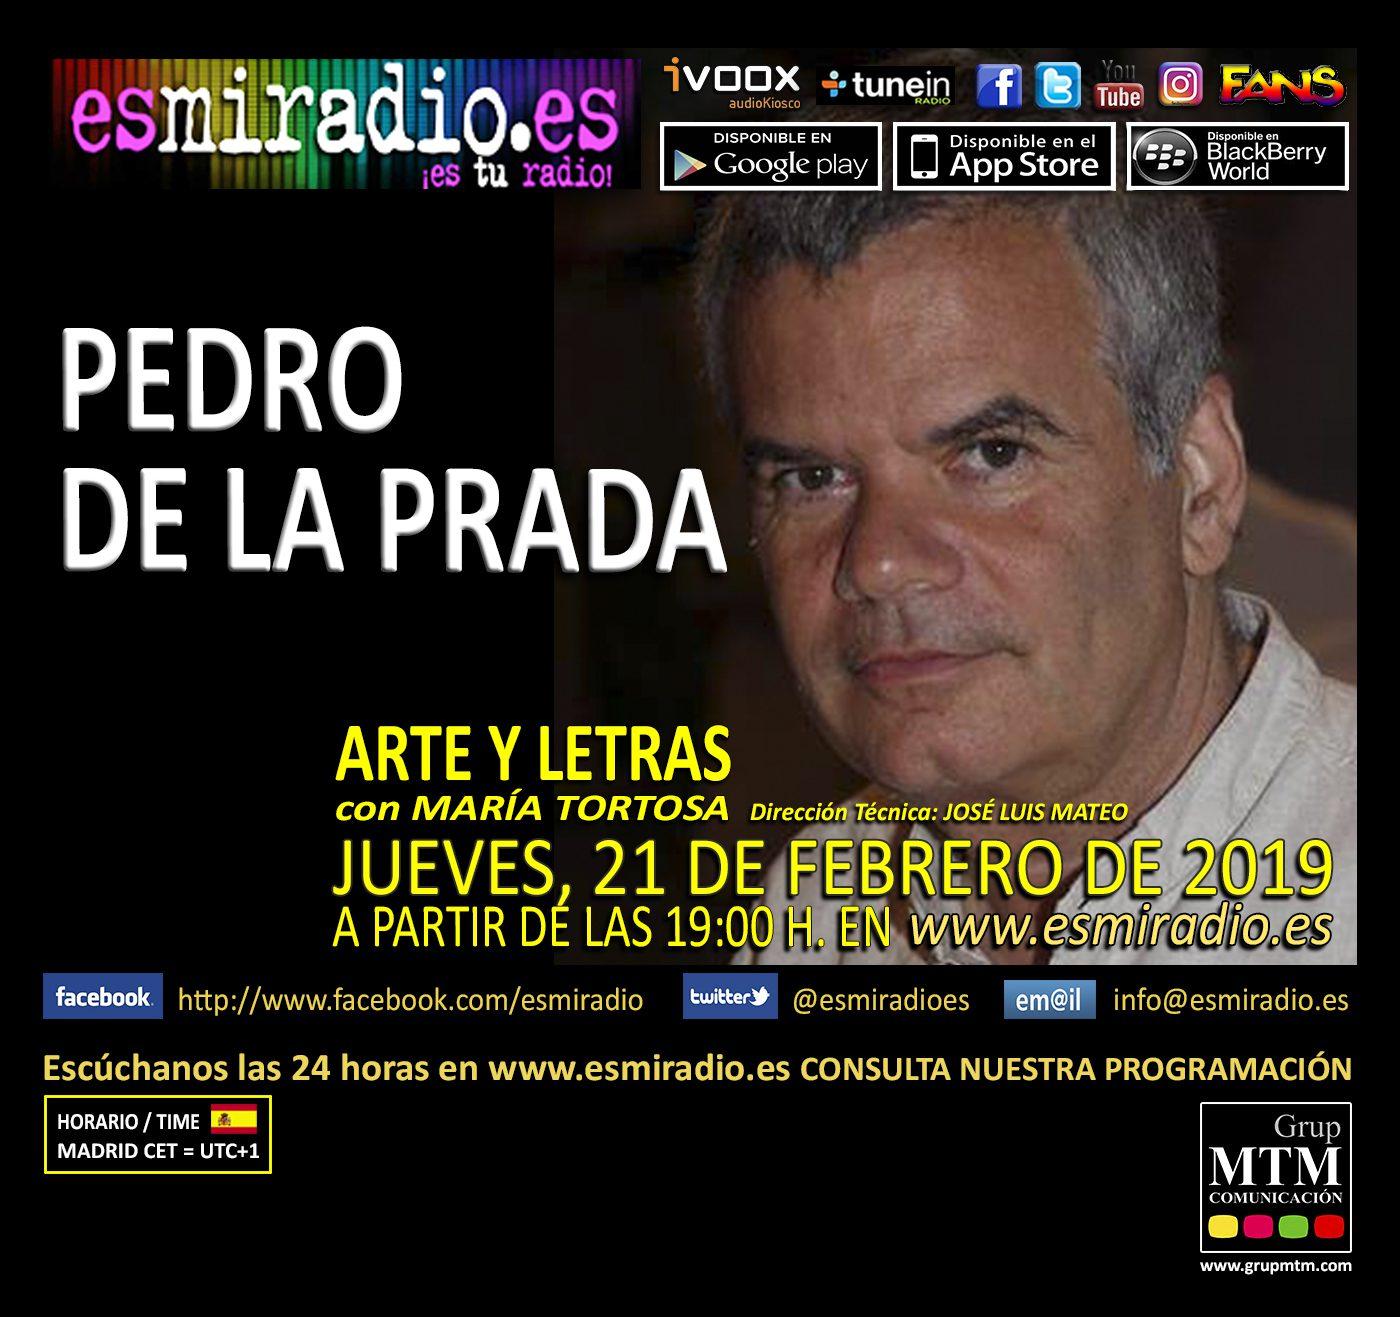 Pedro de la Prada 210219 - esmiradio